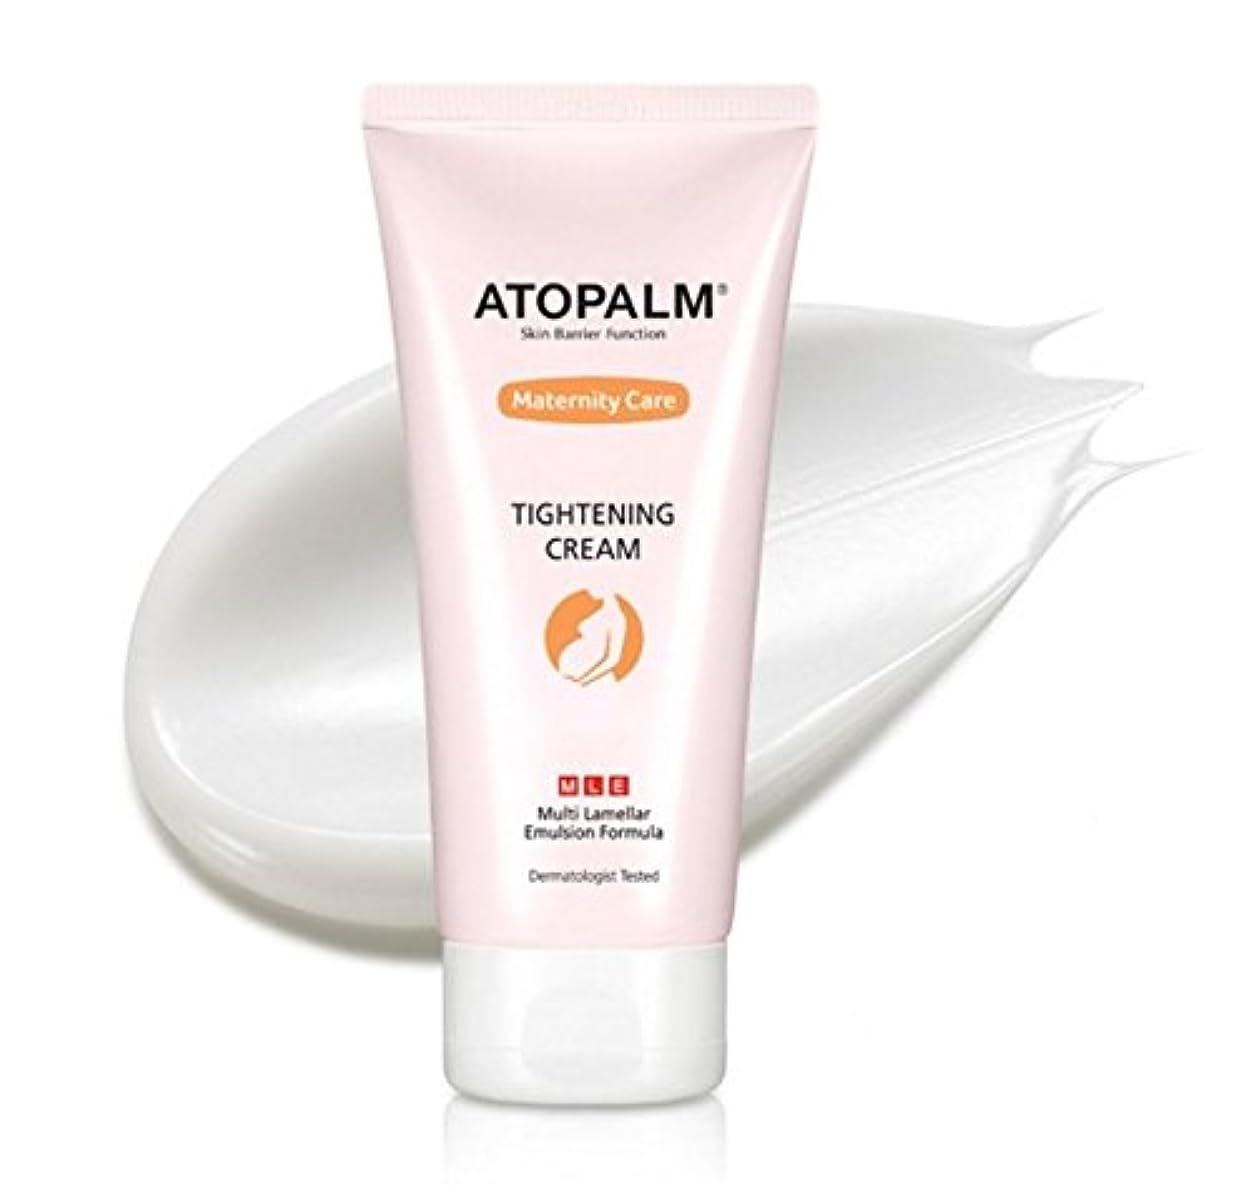 兵隊解釈起きてATOPALM Maternity Care Tightening Cream 150ml/アトパーム マタニティ ケア タイトニング クリーム 150ml [並行輸入品]